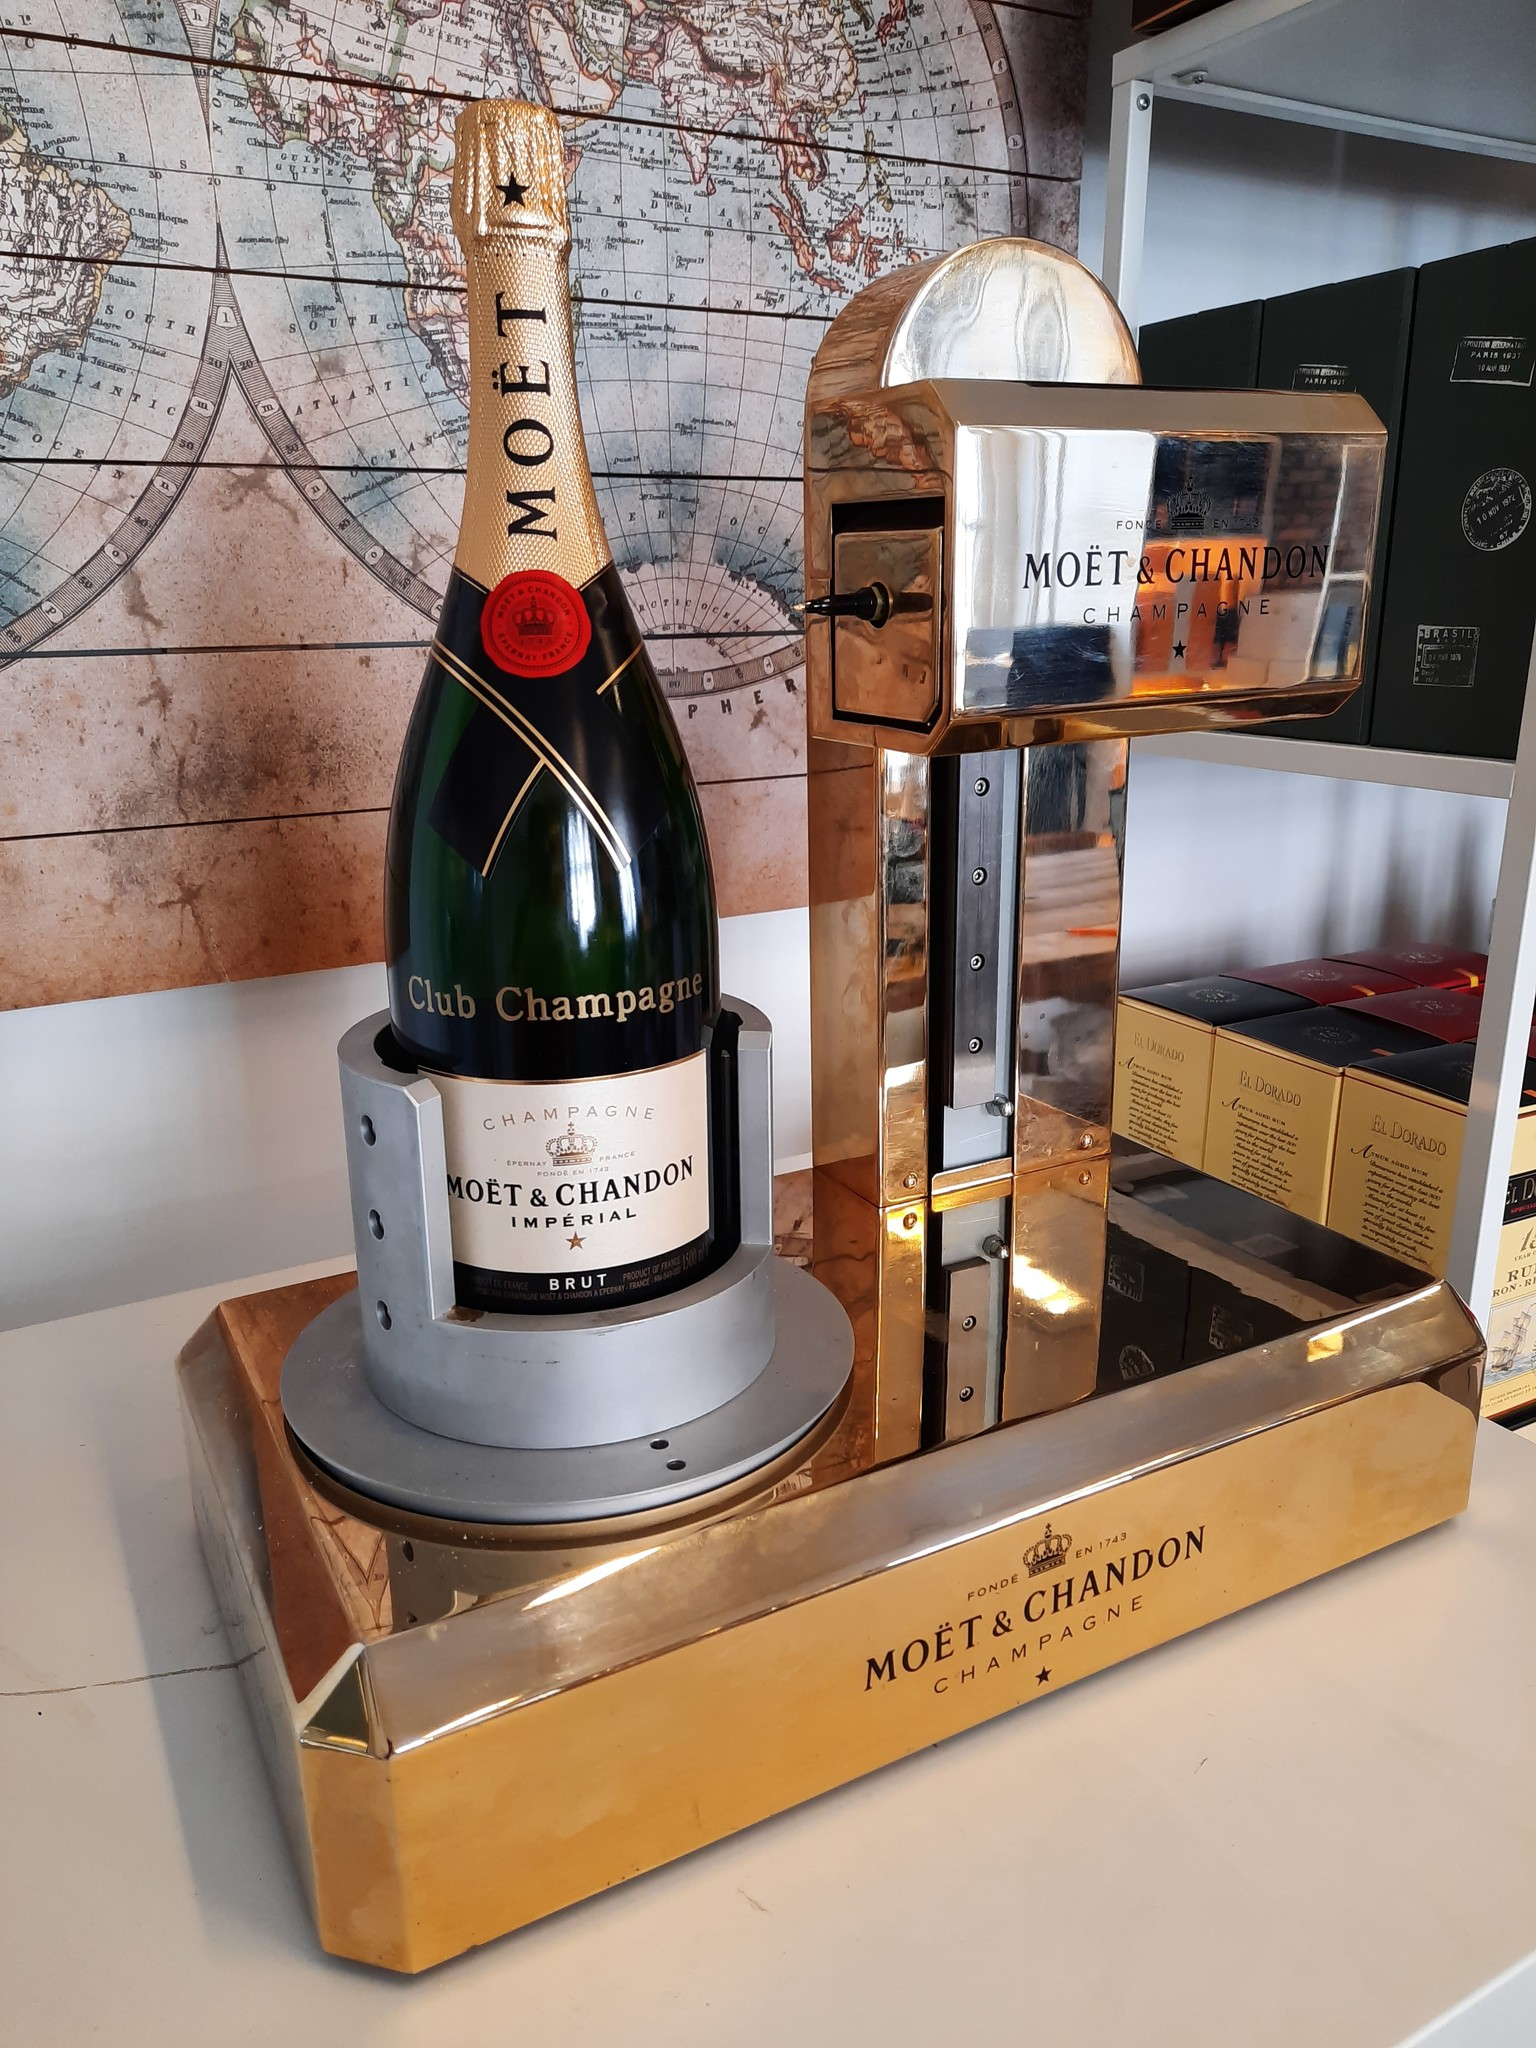 PERSBERICHT: Club Champagne bedrukt met gouden robotarm gouden tekst op Moët & Chandon flessen